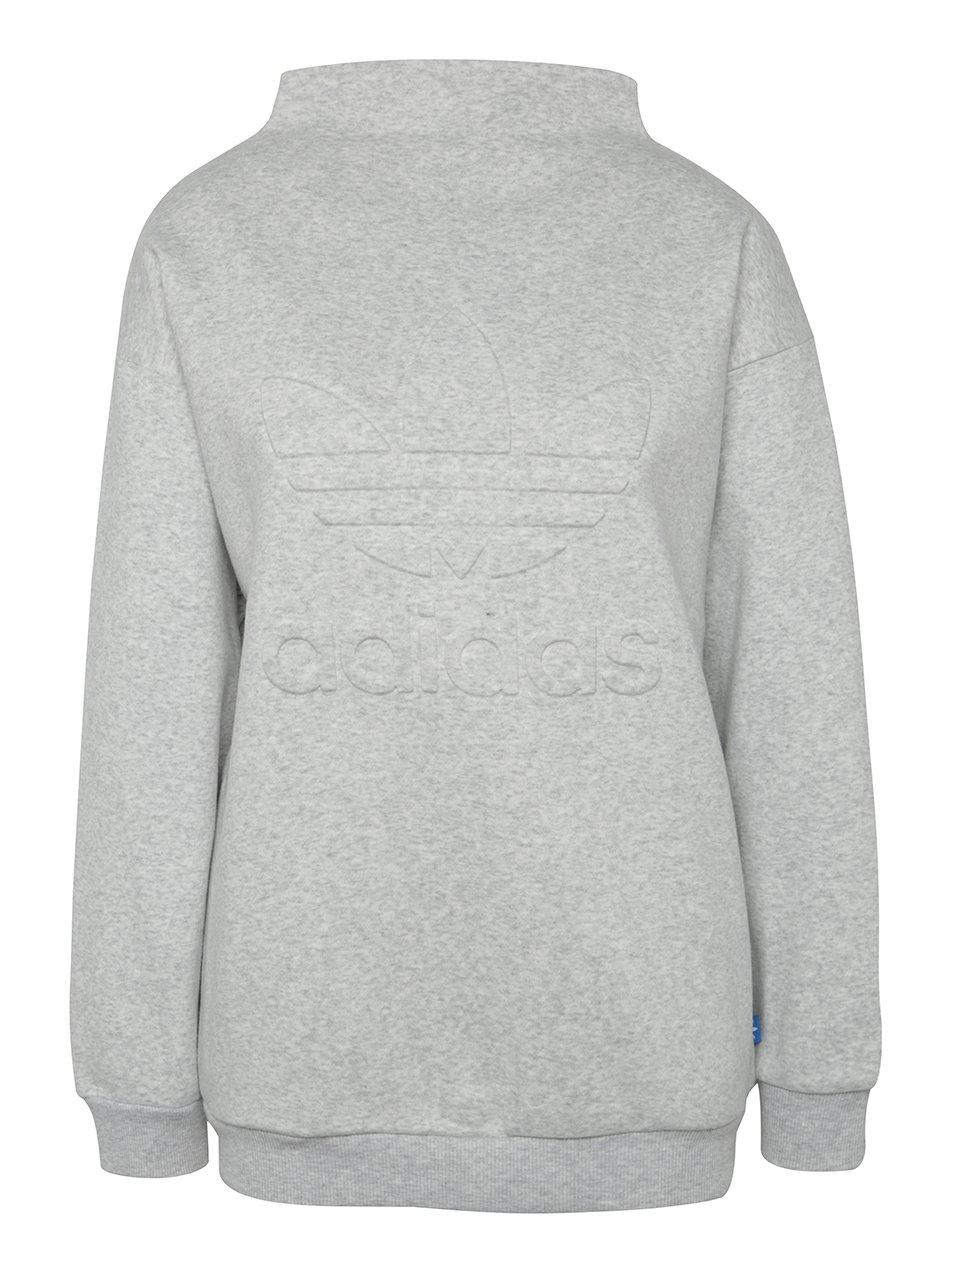 Světle šedá dámská žíhaná mikina s logem adidas Originals